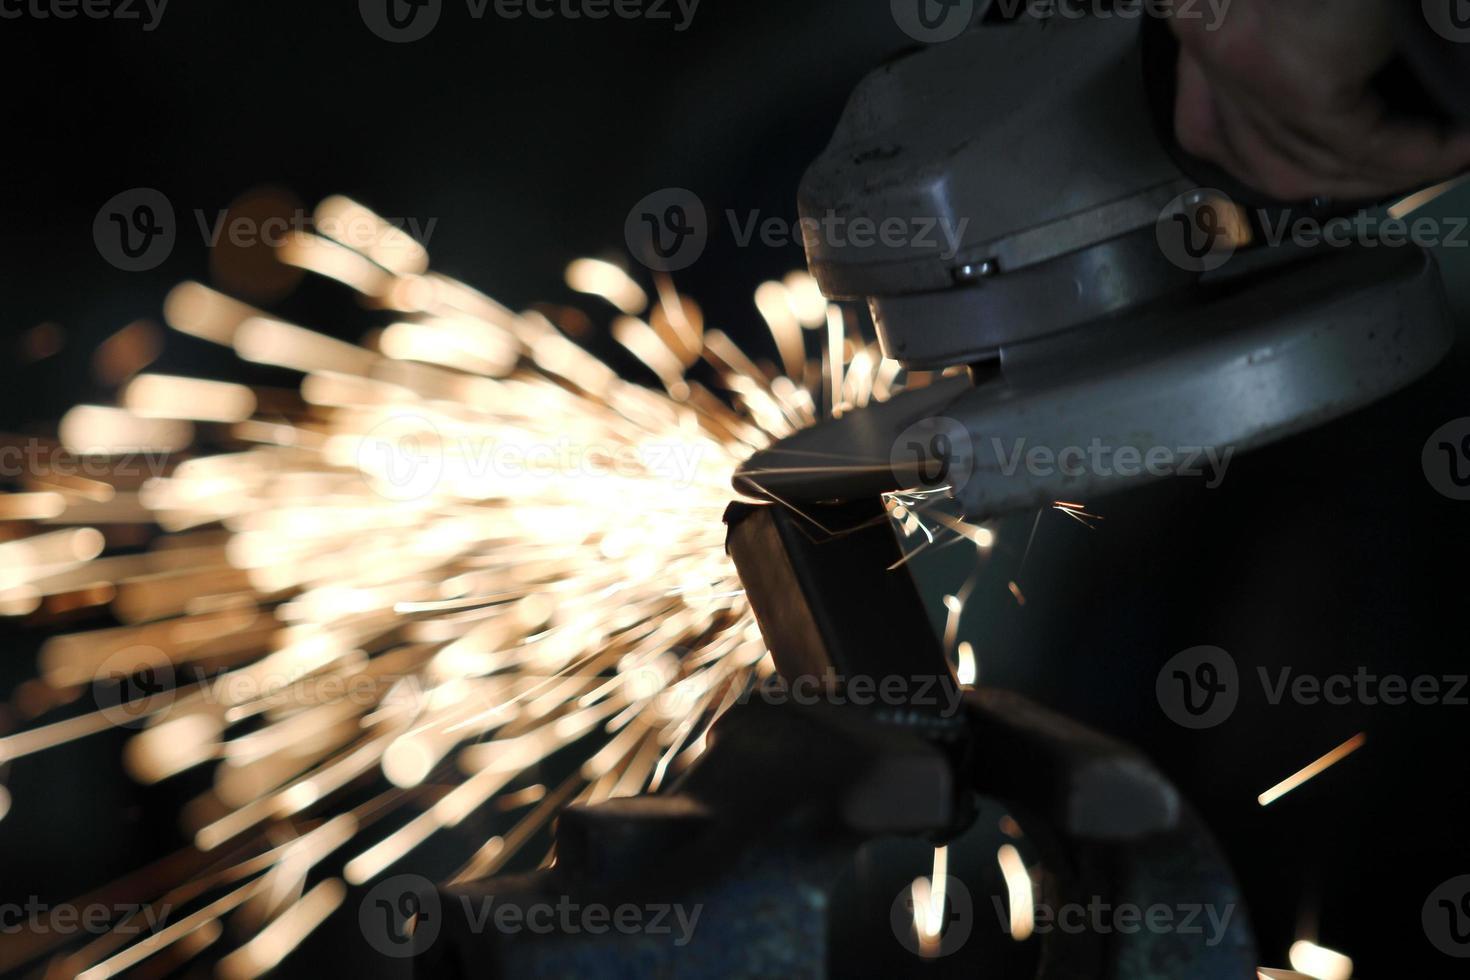 Elektroscheibenschleifen auf Stahlkonstruktion foto